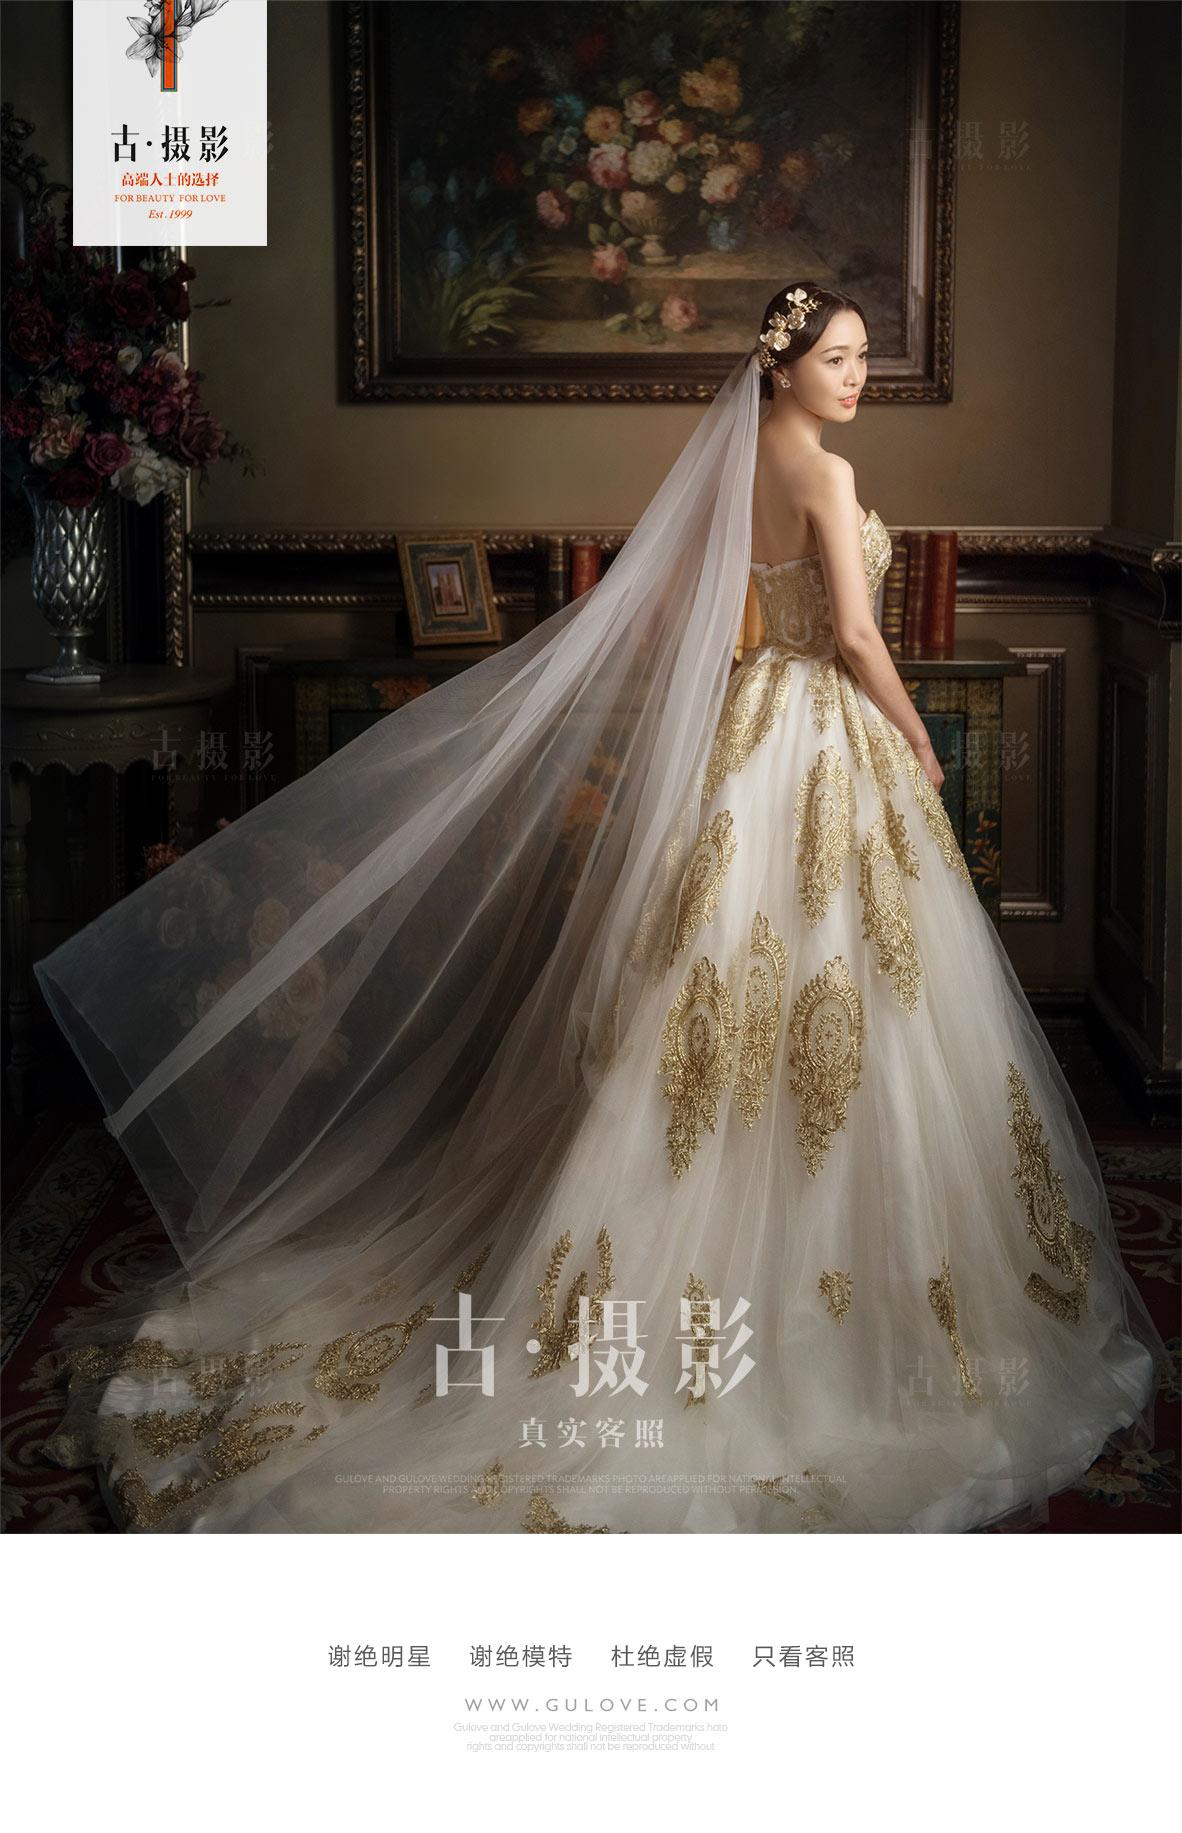 9月客照第一季 - 月度客照 - 古摄影婚纱艺术-古摄影成都婚纱摄影艺术摄影网